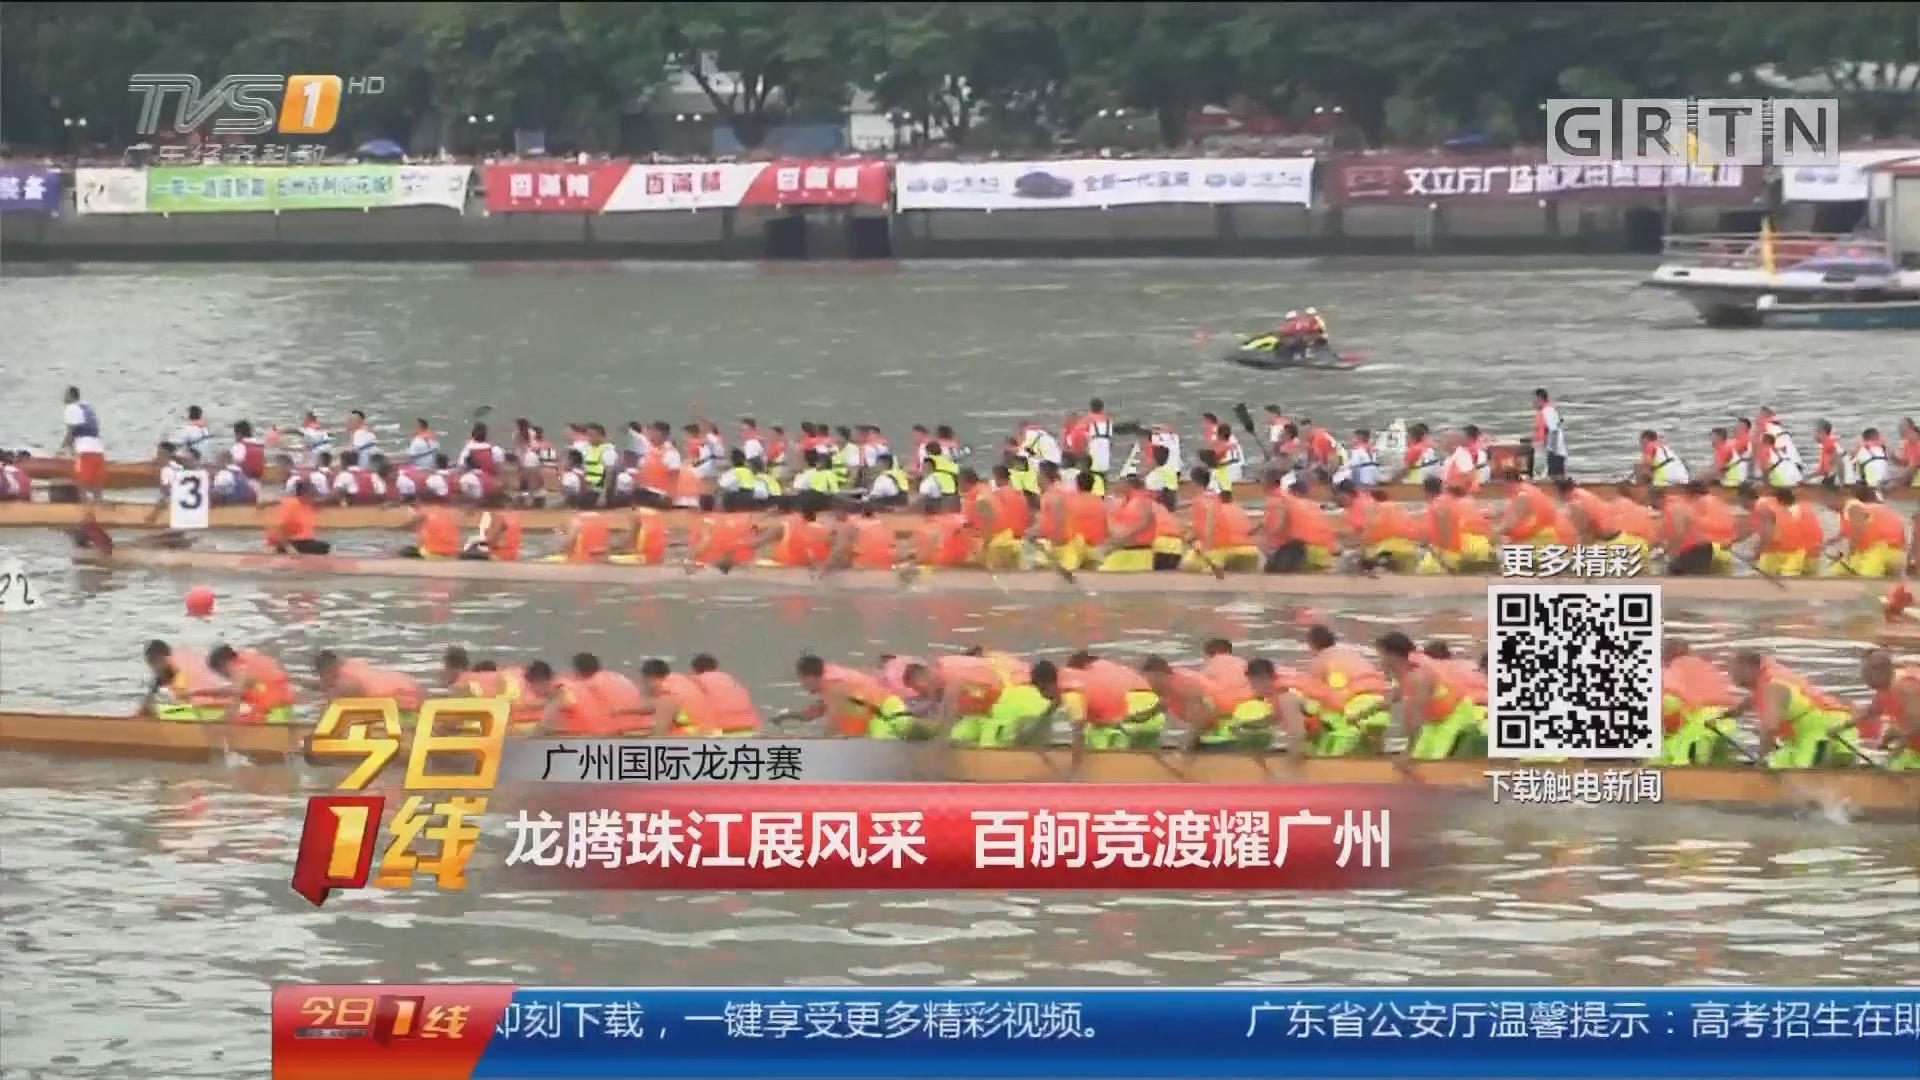 广州国际龙舟赛:龙腾珠江展风采 百舸竞渡耀广州